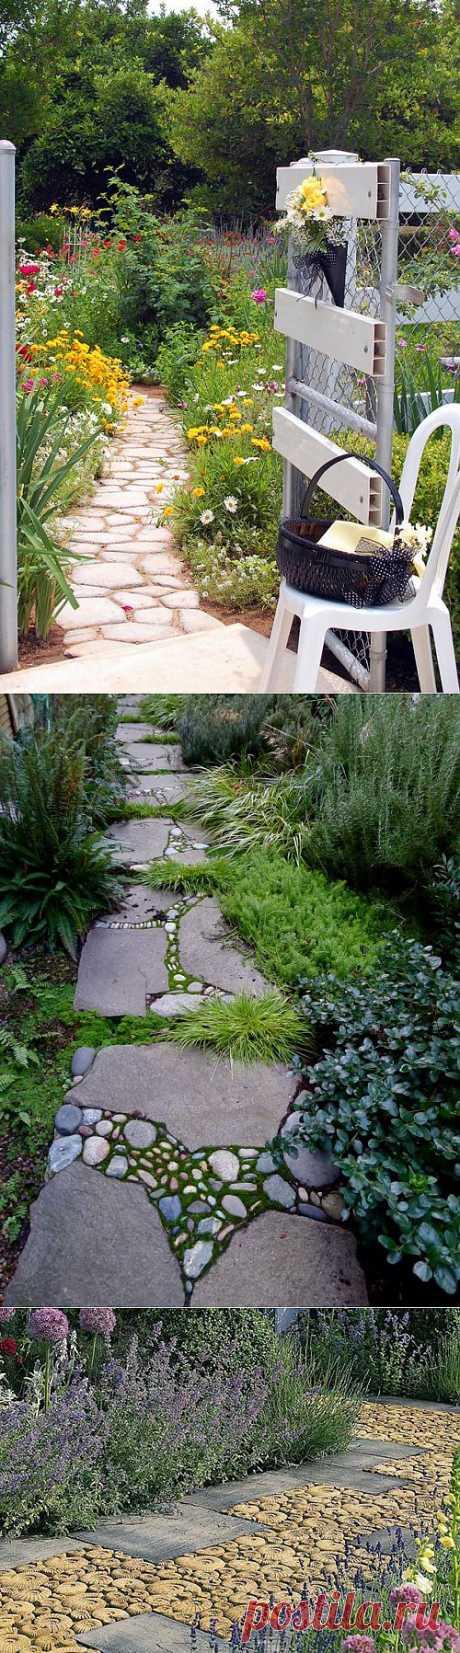 Садовые дорожки. Как создать их своими руками.